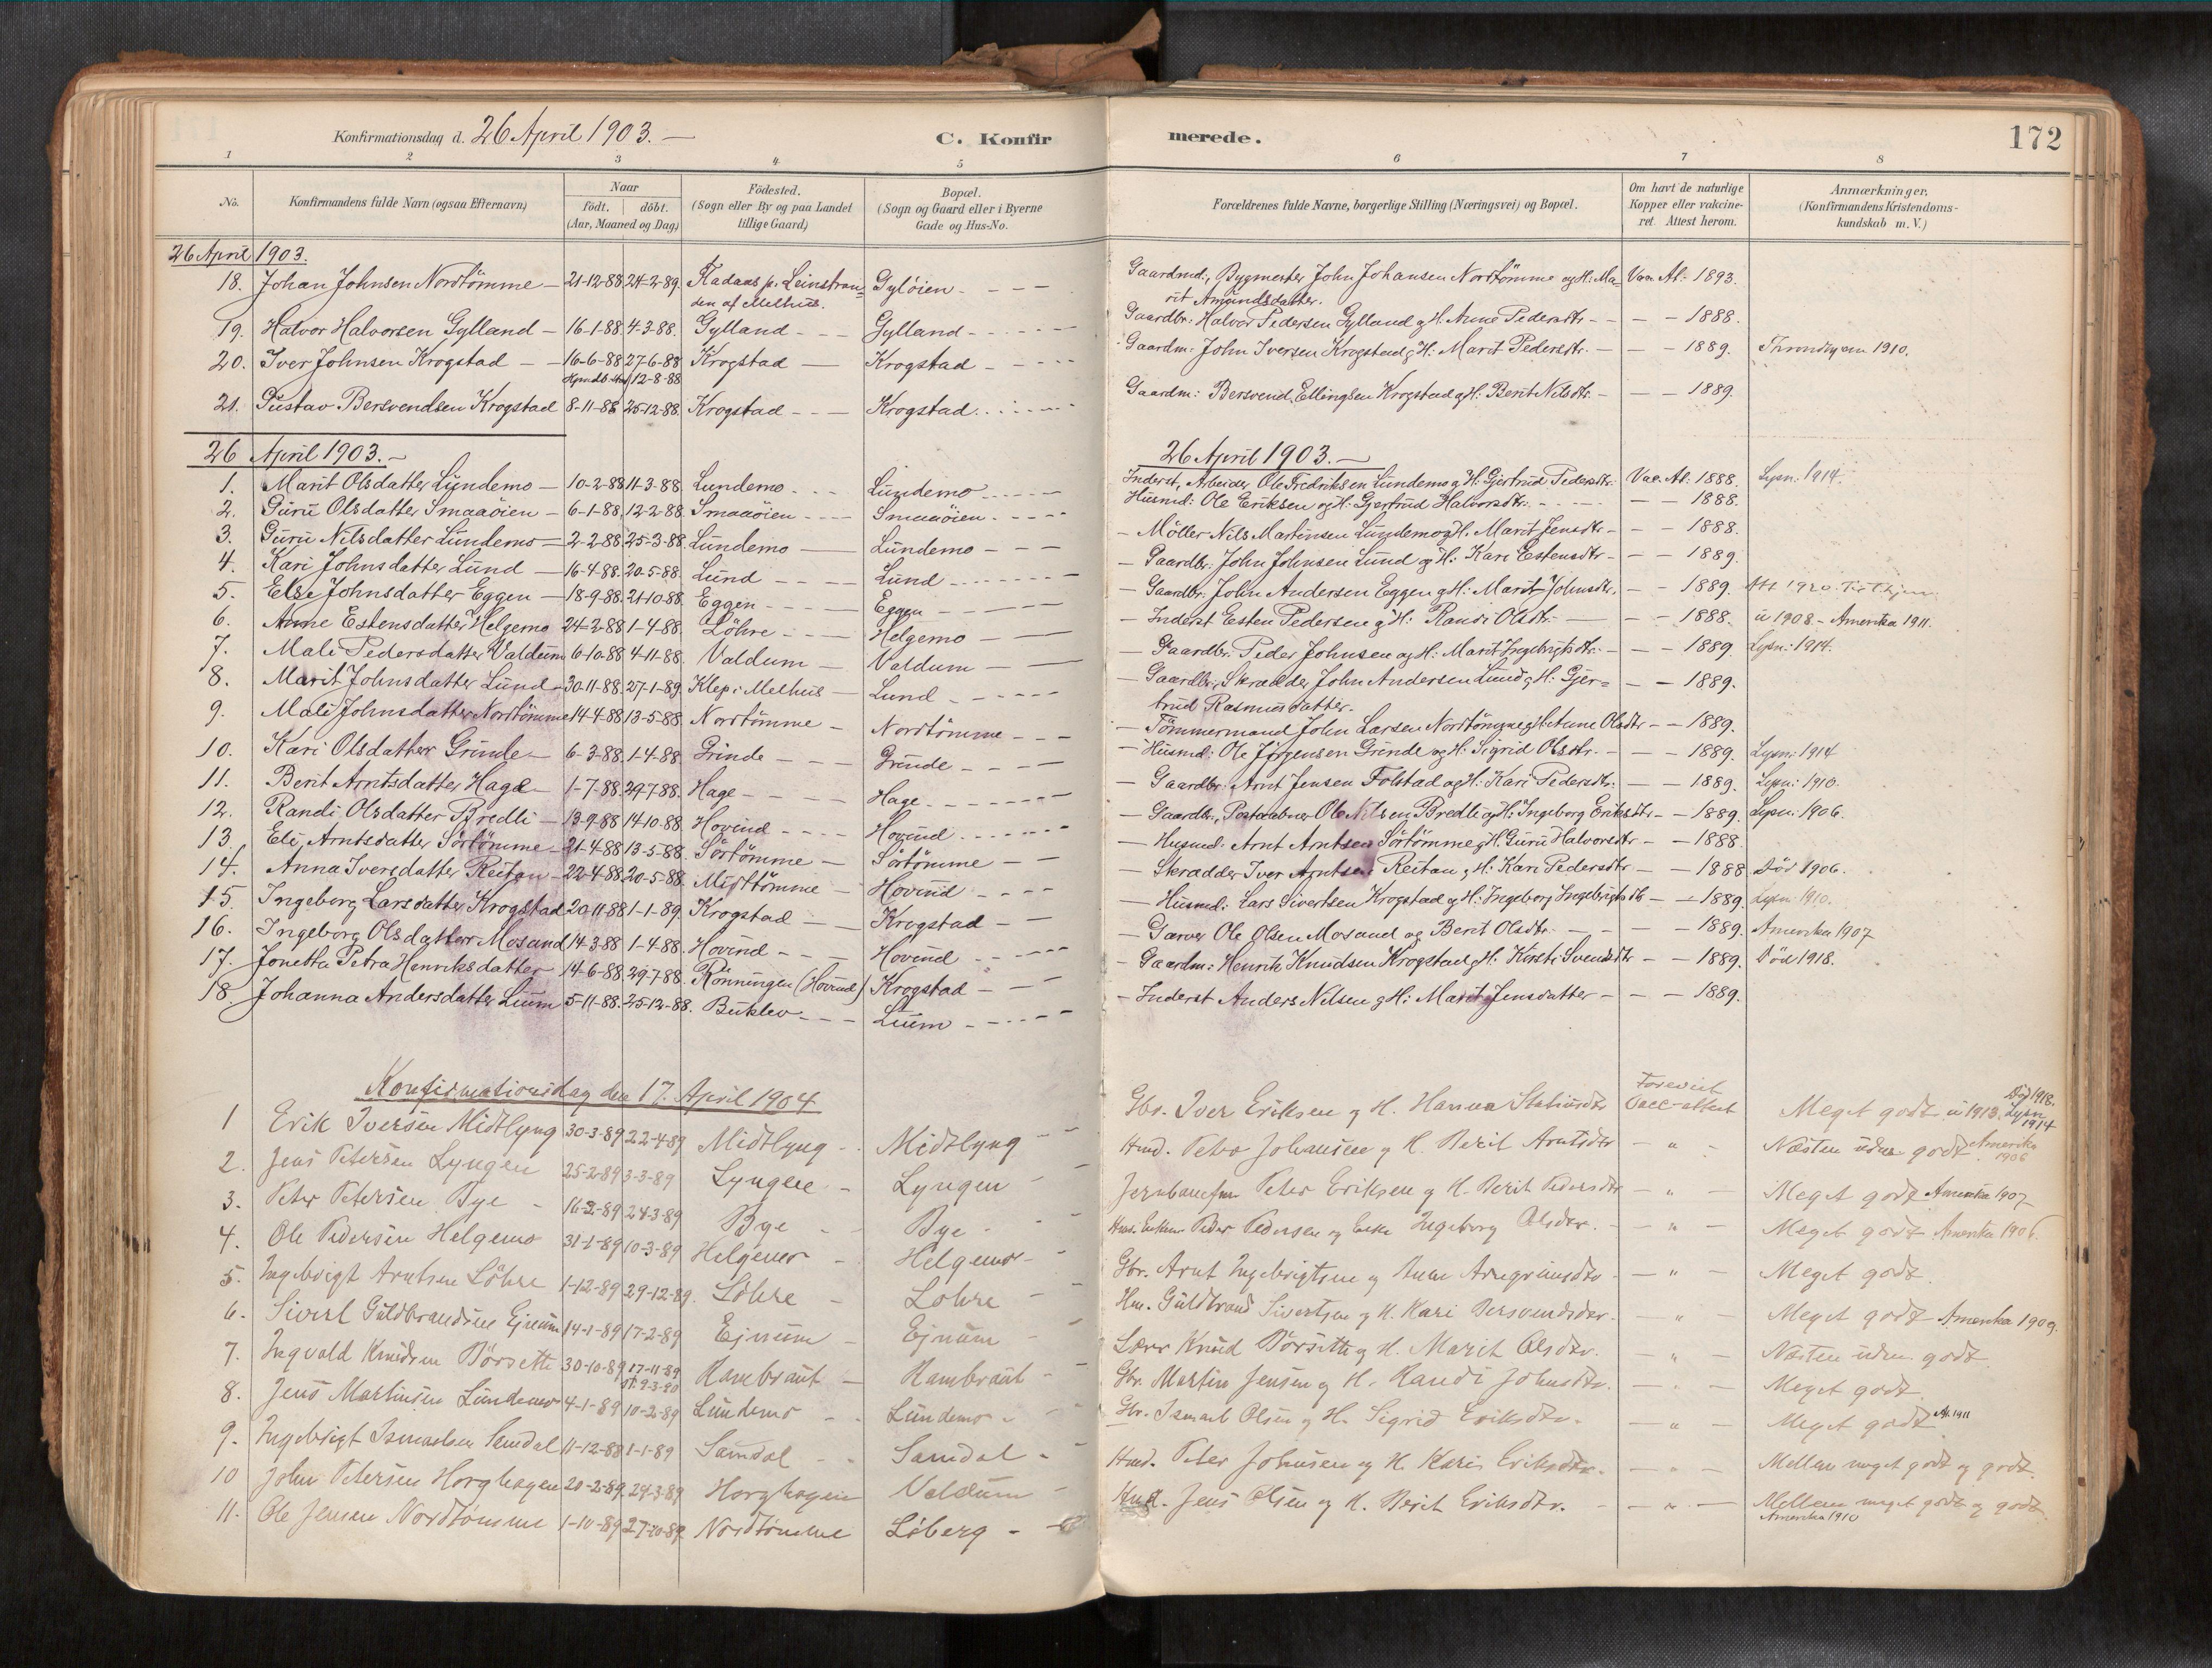 SAT, Ministerialprotokoller, klokkerbøker og fødselsregistre - Sør-Trøndelag, 692/L1105b: Ministerialbok nr. 692A06, 1891-1934, s. 172